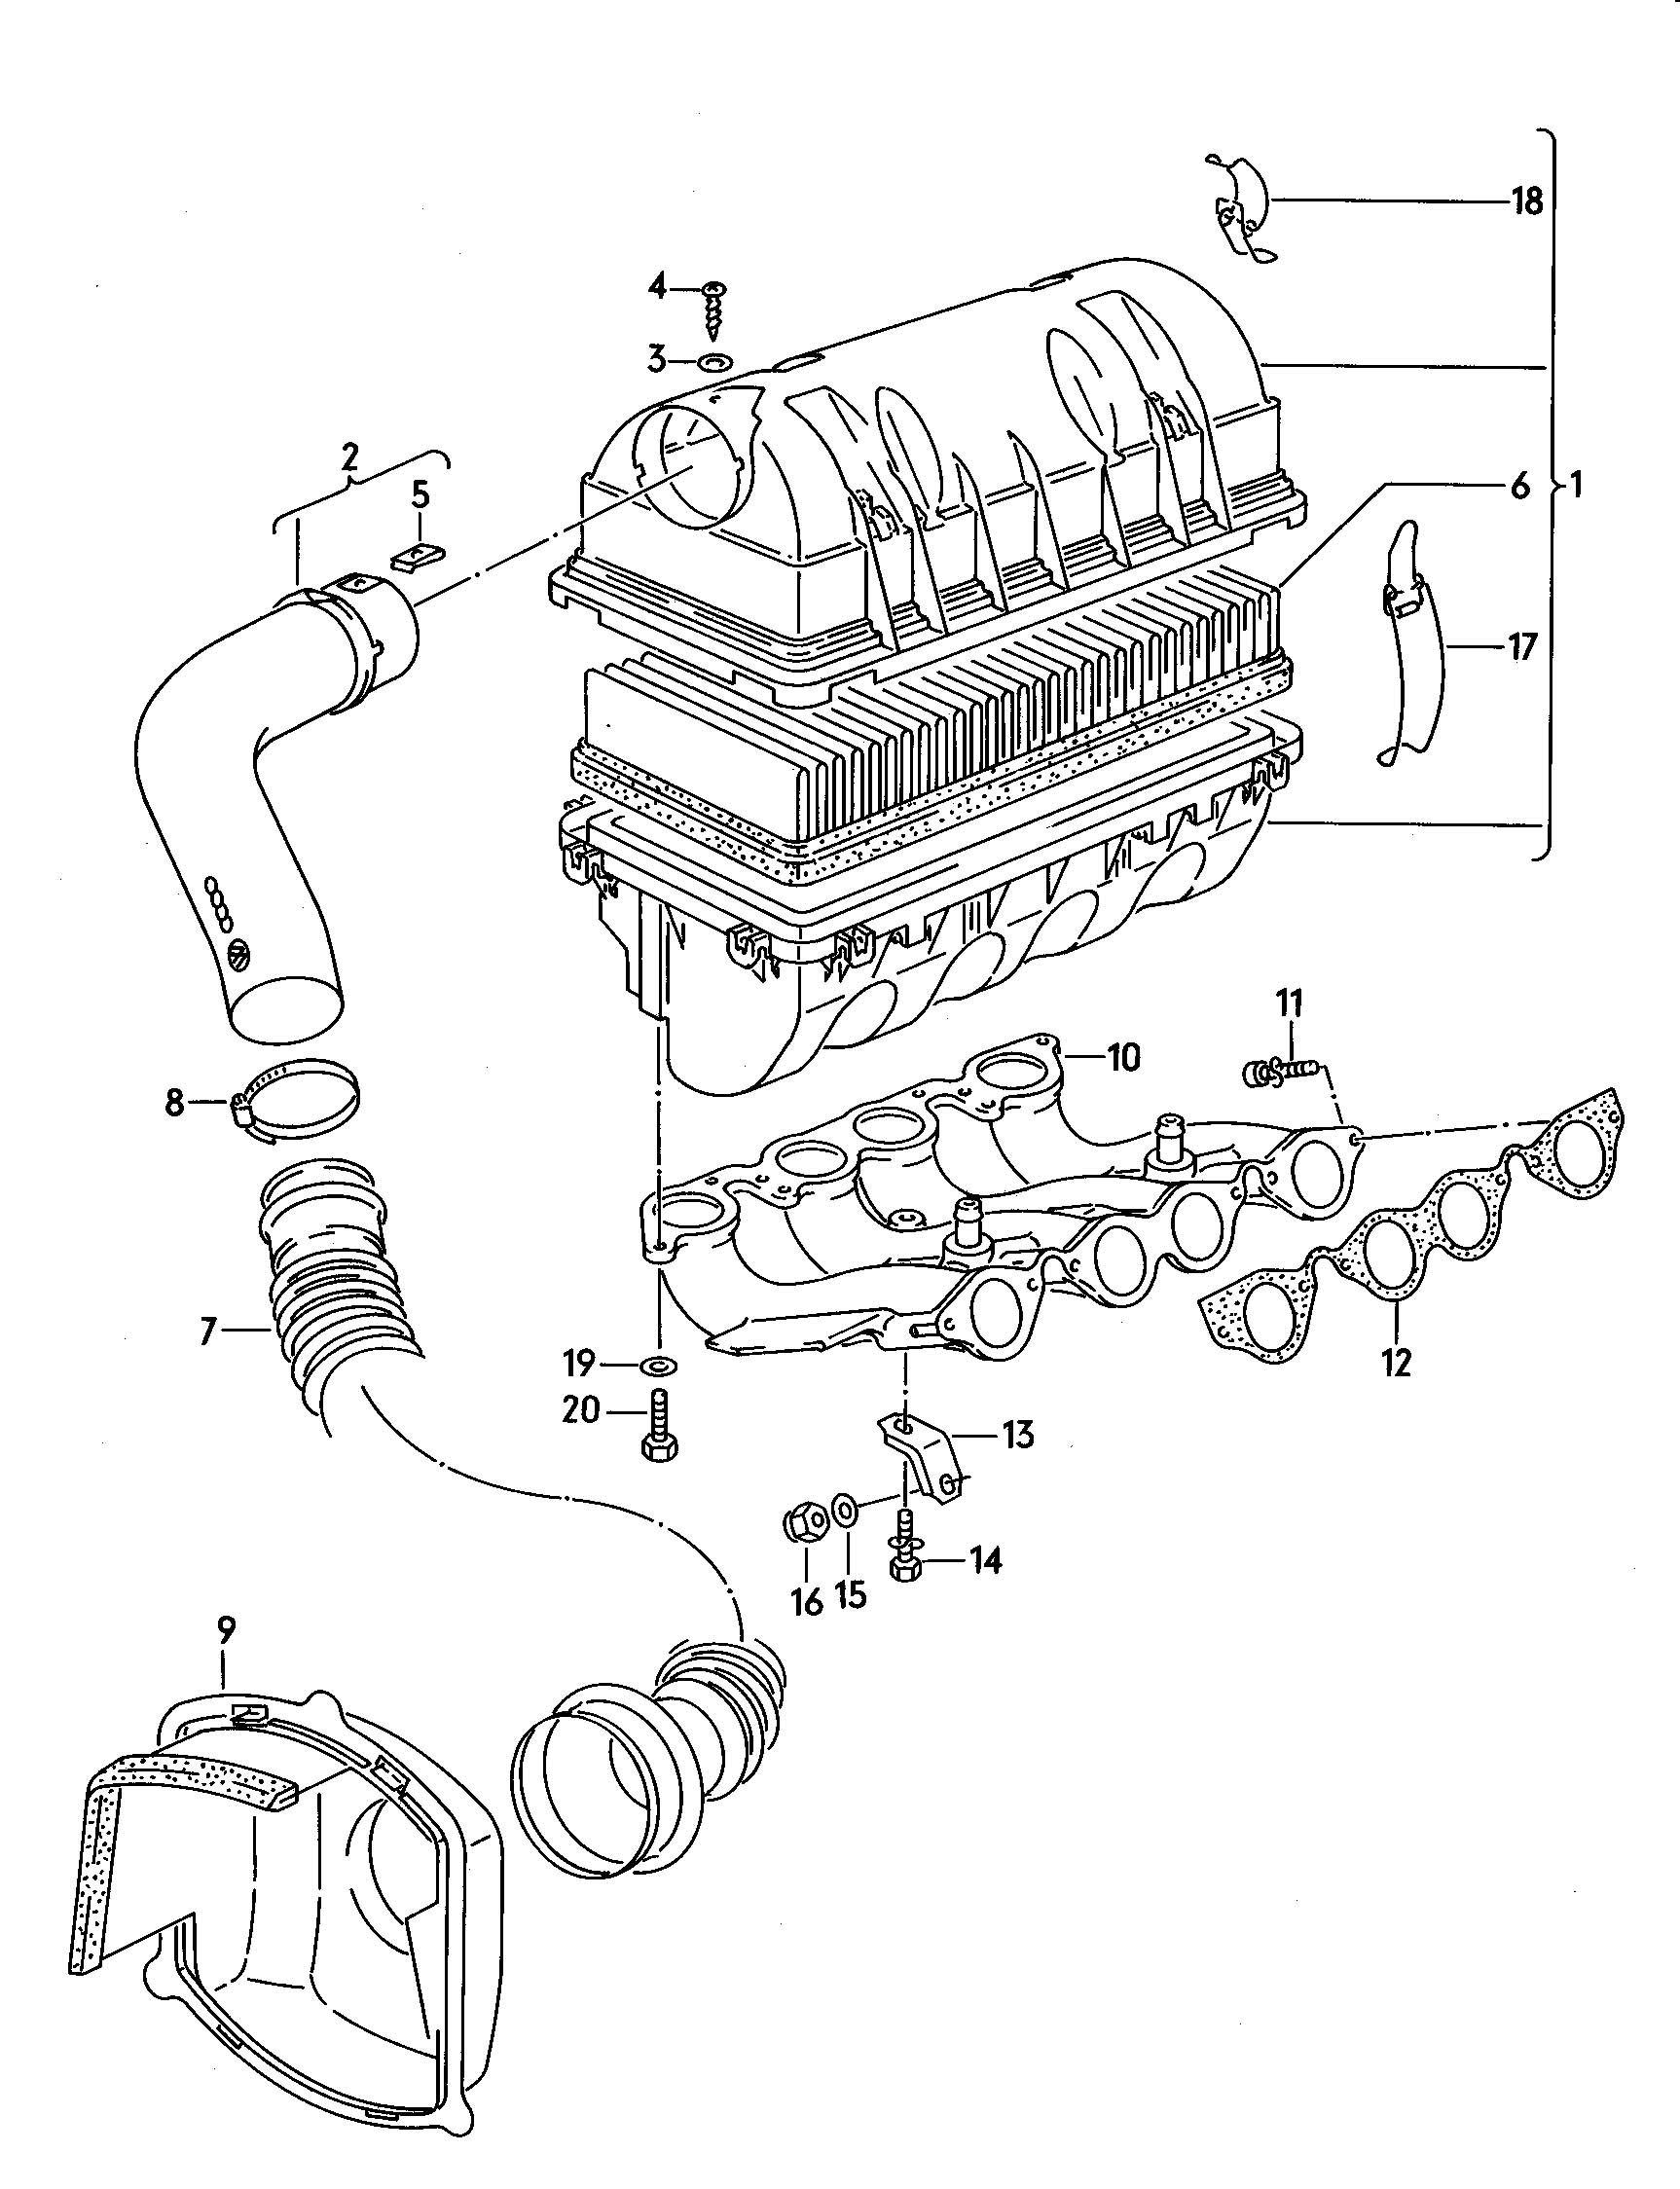 [SCHEMATICS_4PO]  VK_8316] Maf Sensor Wiring Diagram On Pontiac M Air Flow Sensor Wiring  Diagram Free Diagram | Vibe Wiring Maf Sensor Diagram |  | Osoph Emba Mohammedshrine Librar Wiring 101